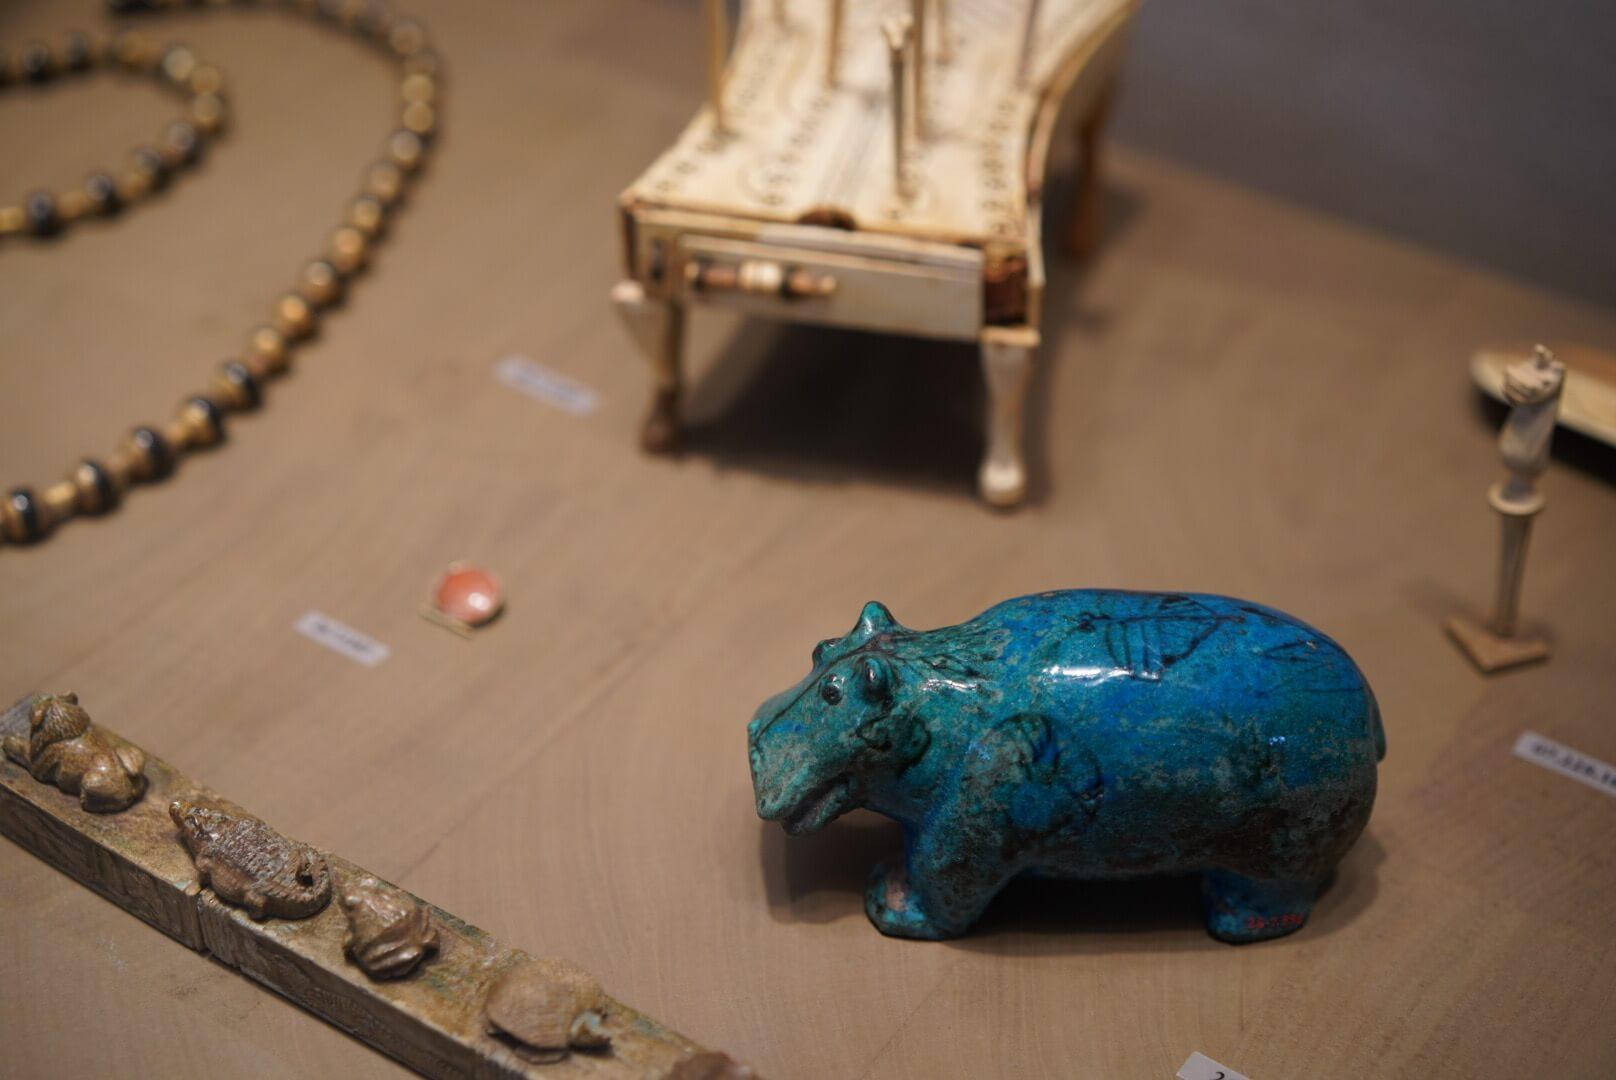 メトロポリタン美術館で見かけた300億円の青いカバ